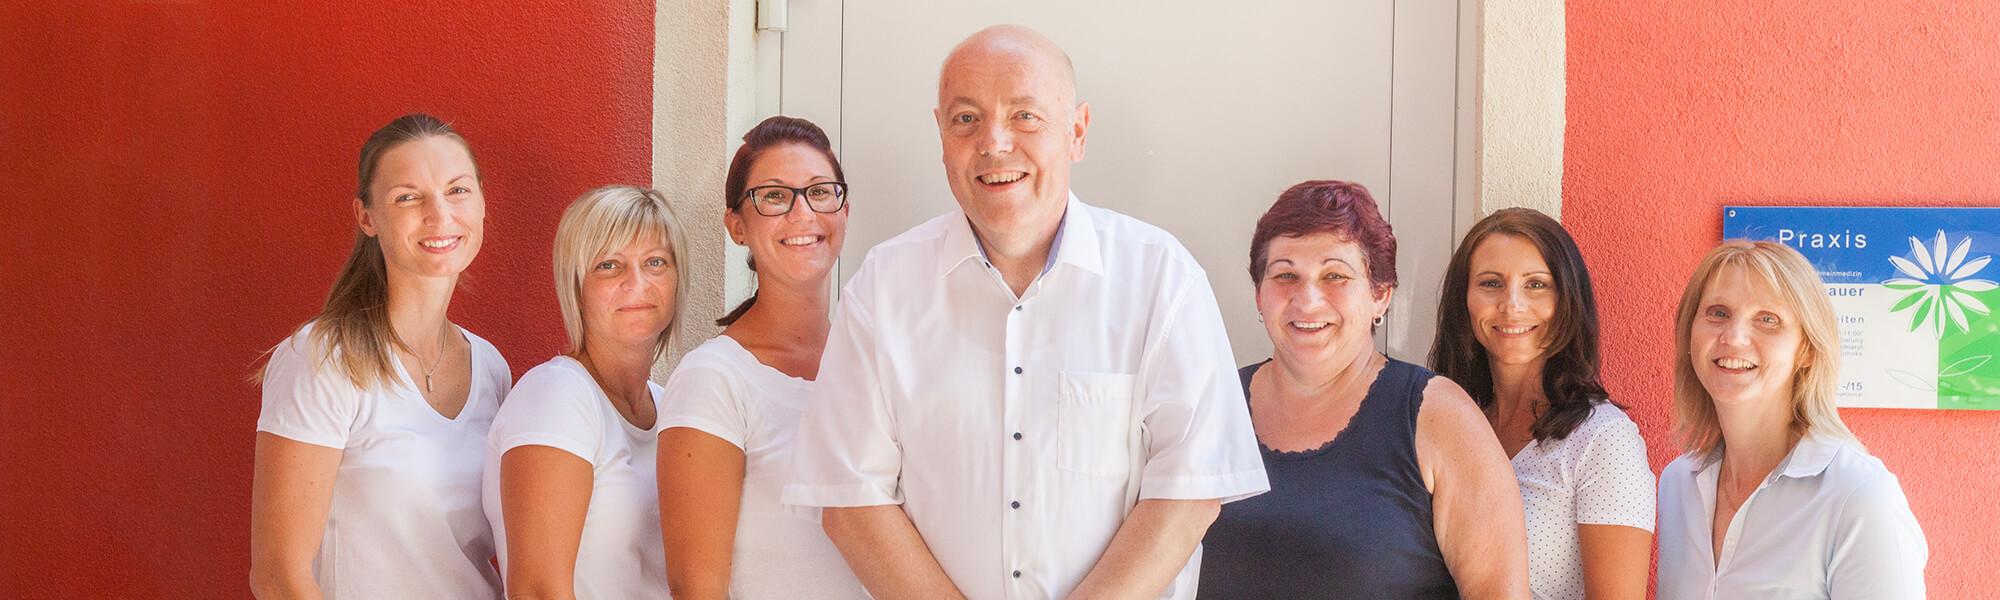 Hausarzt Bernhardsthal - Neugebauer - Team Slider